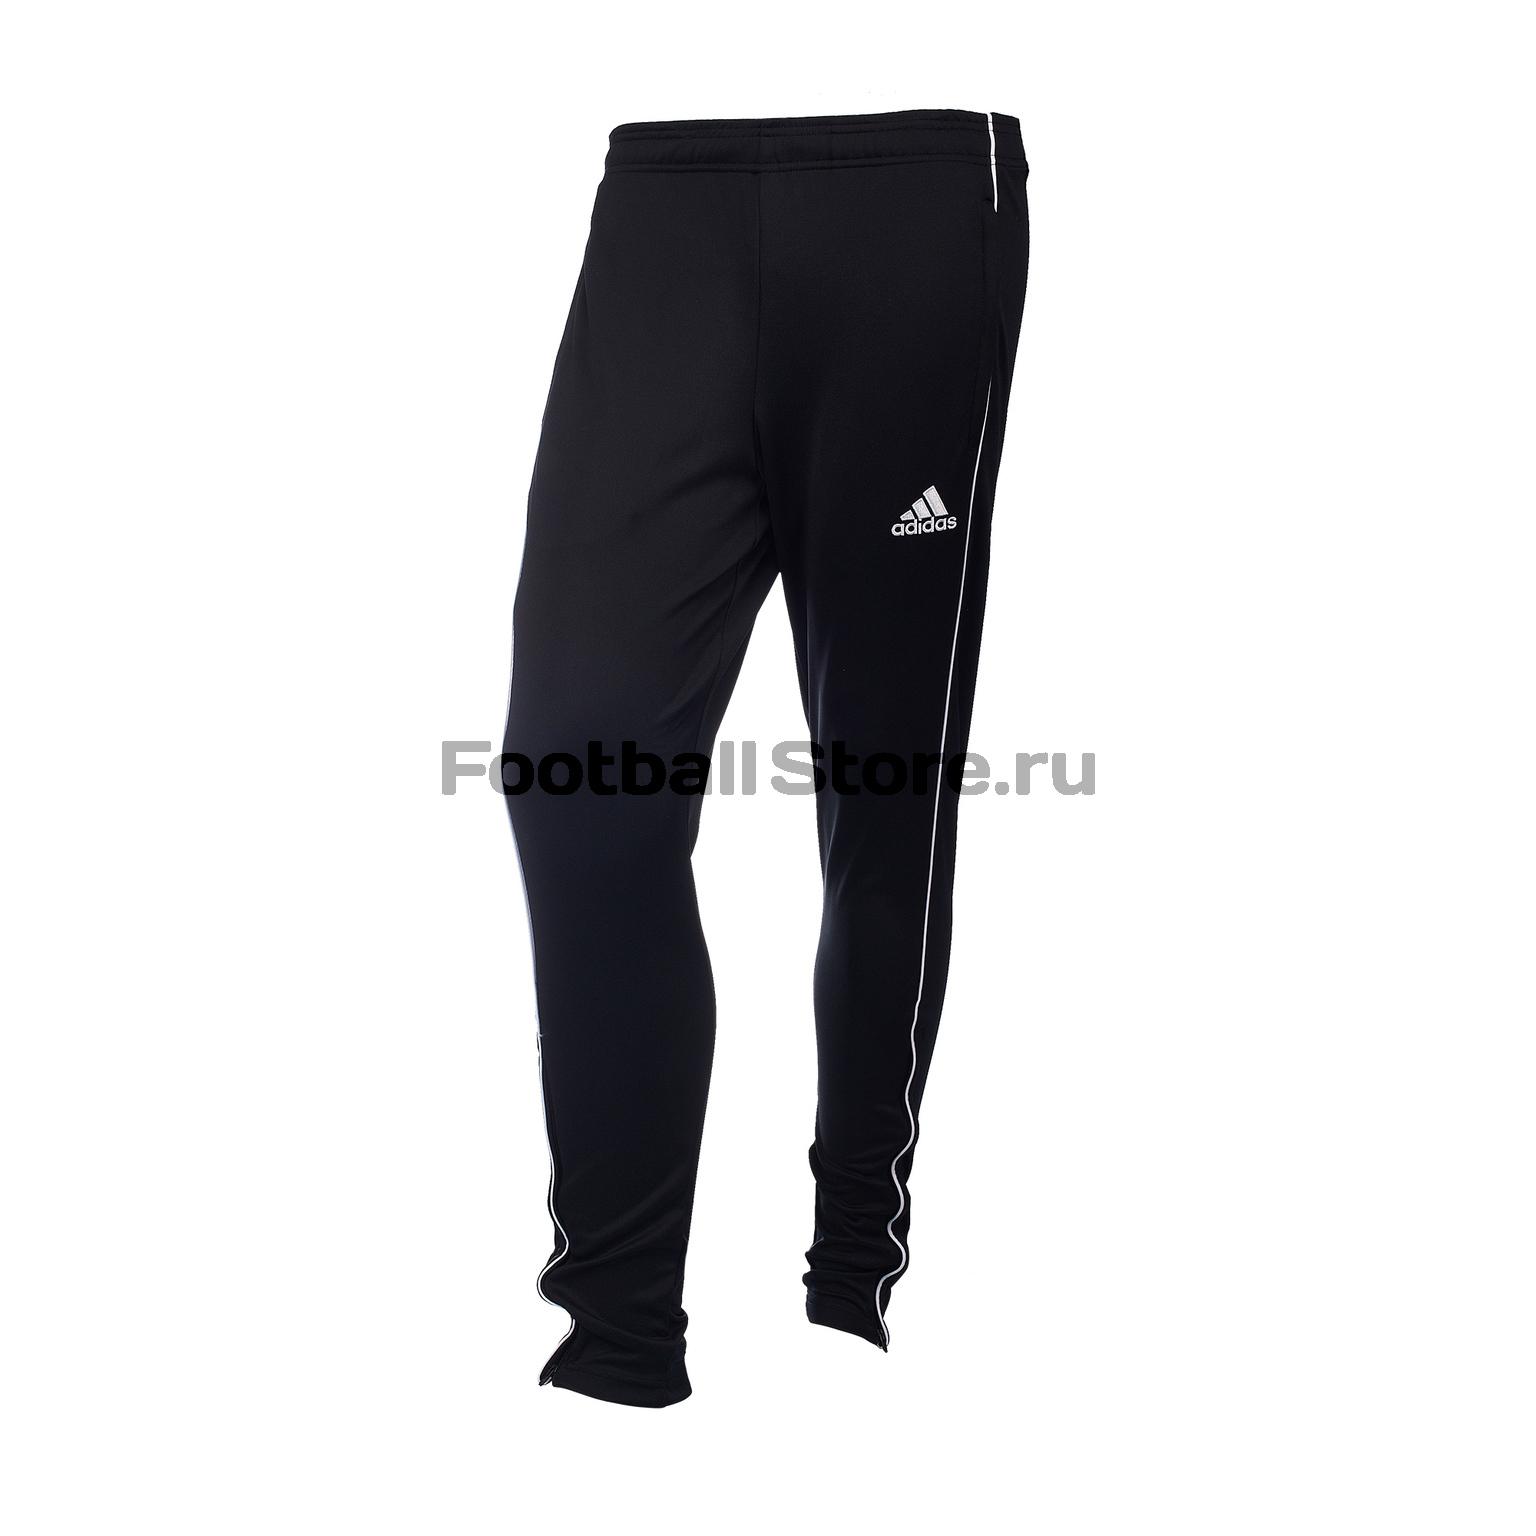 Брюки тренировочные Adidas Core18 TR Pnt CE9036 брюки adidas con16 trg pnt ab3131